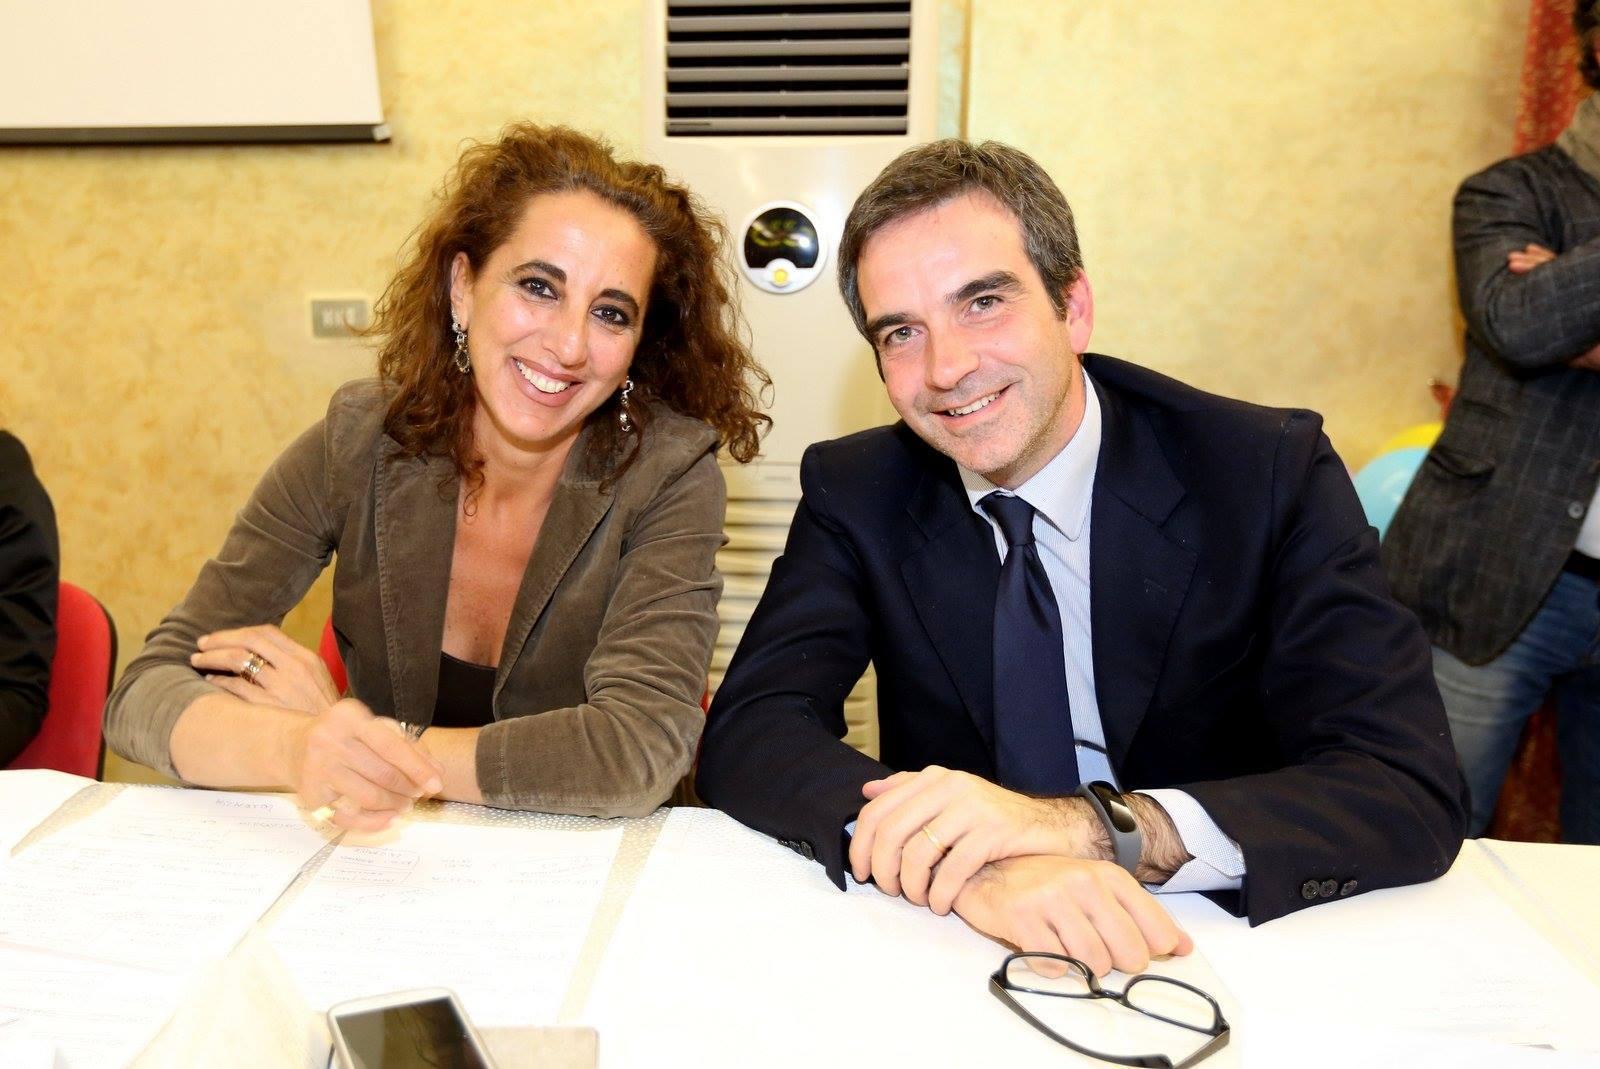 ELEZIONI POLITICHE 2018 | Un deputato in più per i M5S. E dentro Forza Italia scoppia il caos: «Santelli dimettiti…»